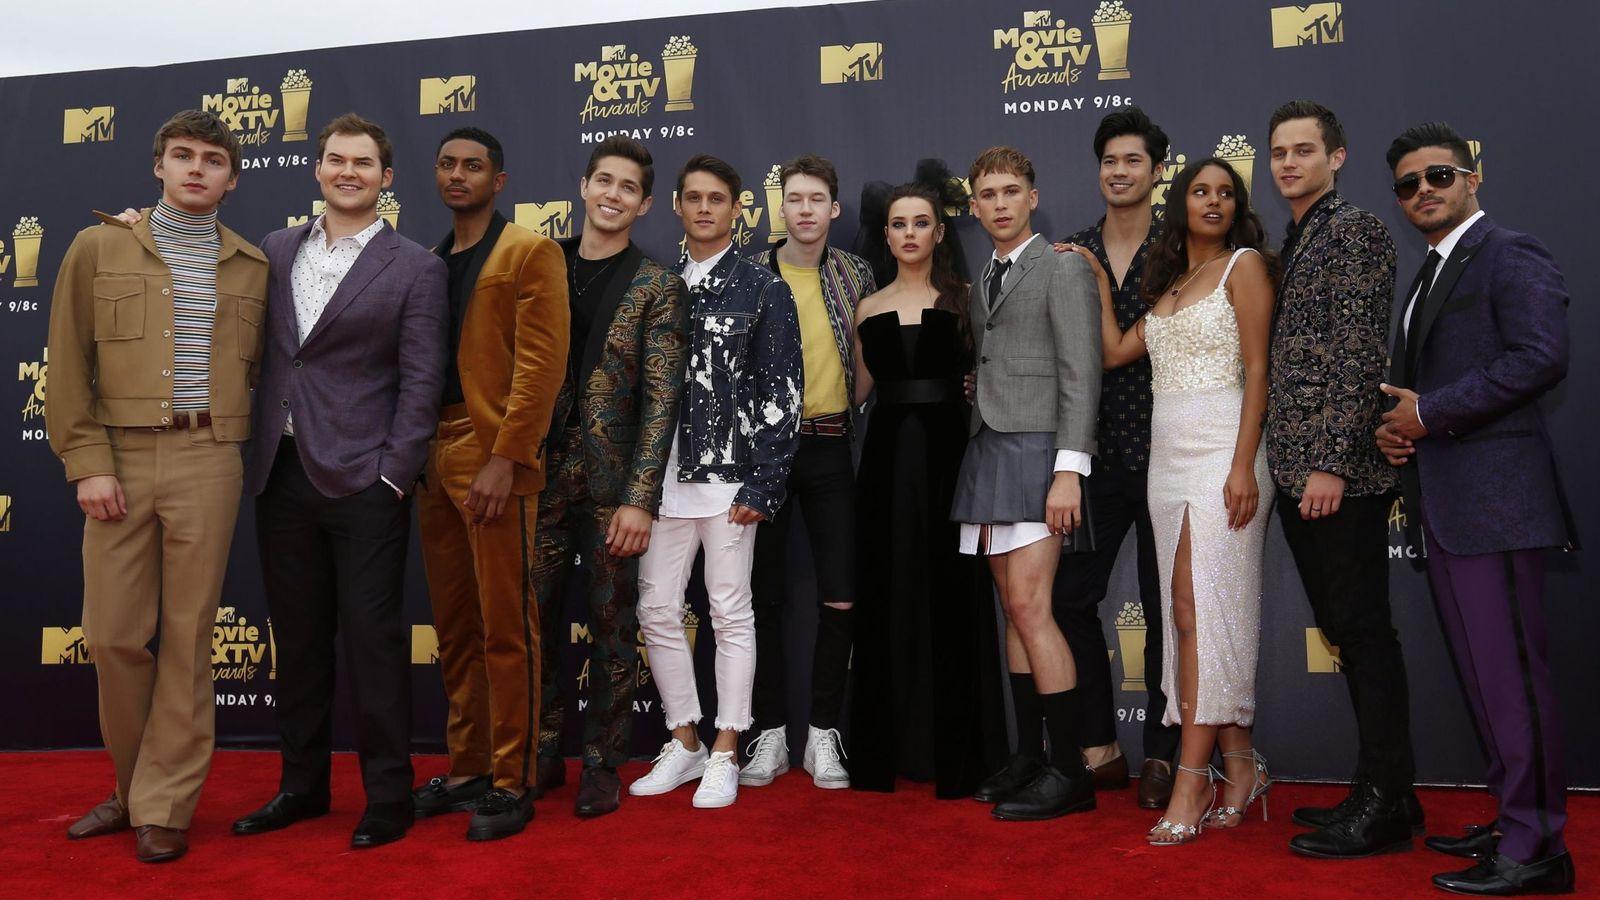 Foto: El reparto de la serie en los MTV Awards de 2018. (Reuters)